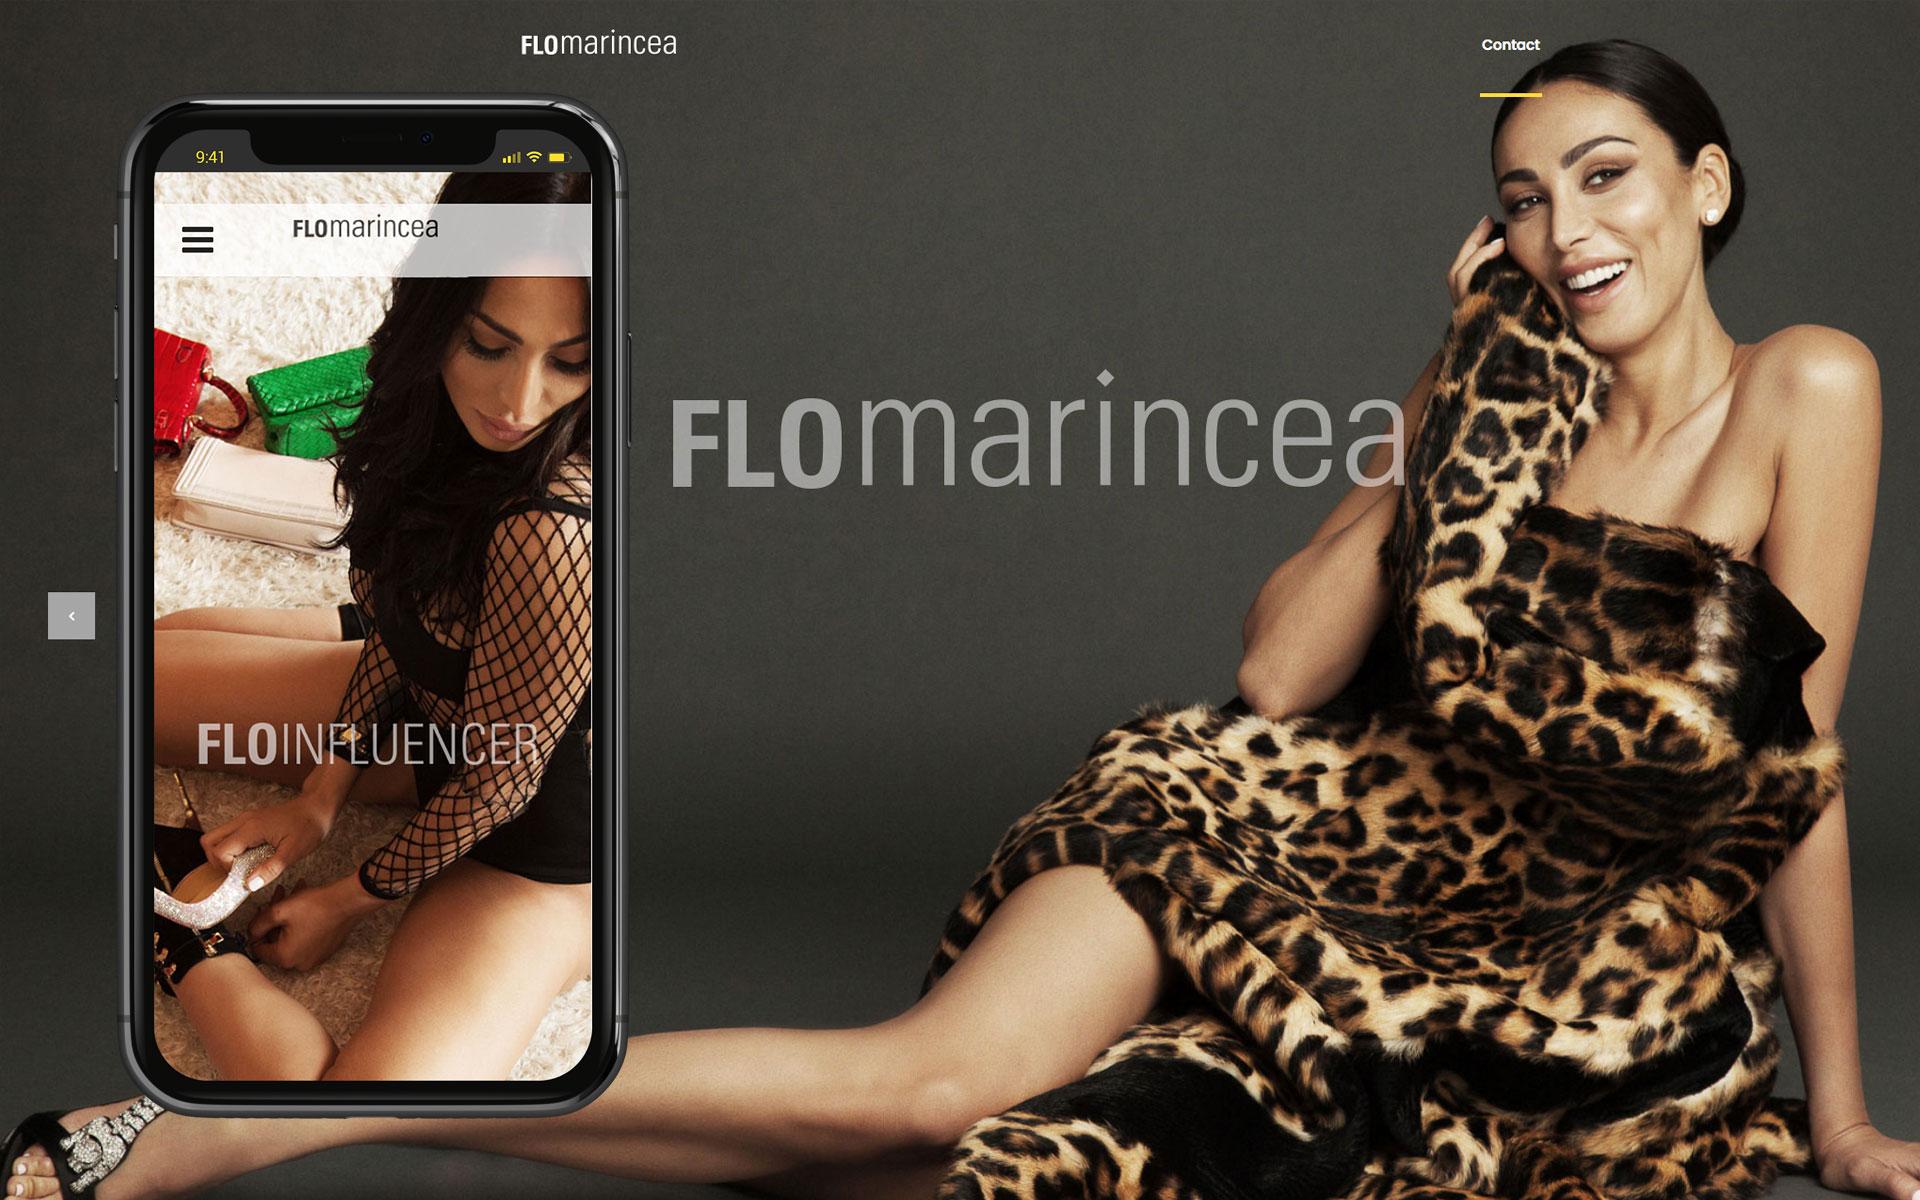 Web to Flo Marincea